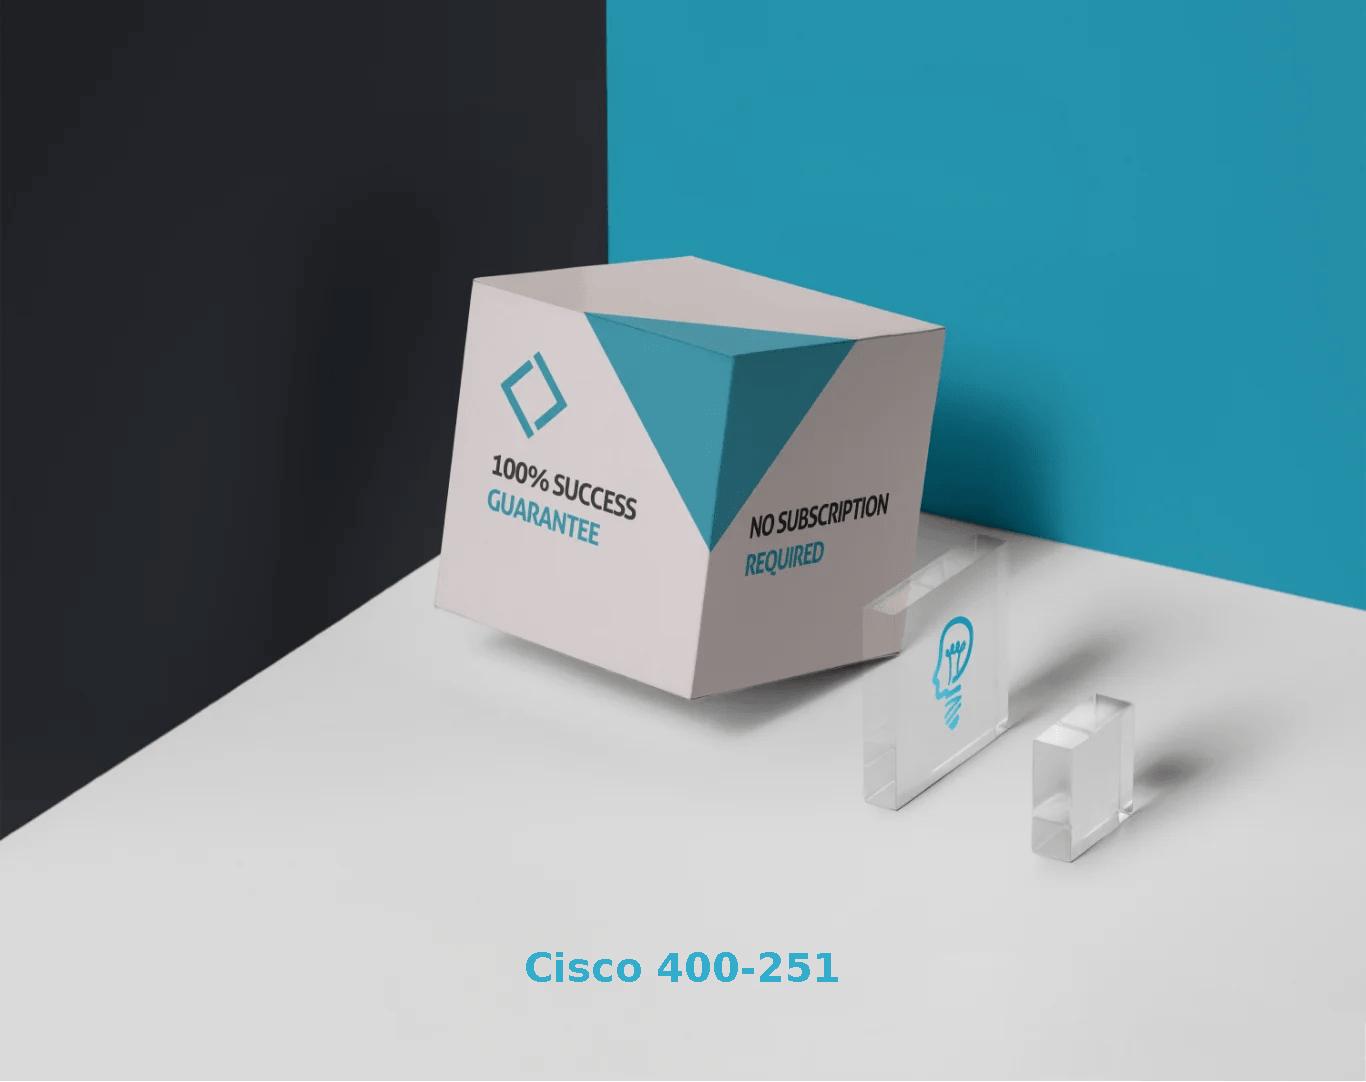 Cisco 400-251 Exams